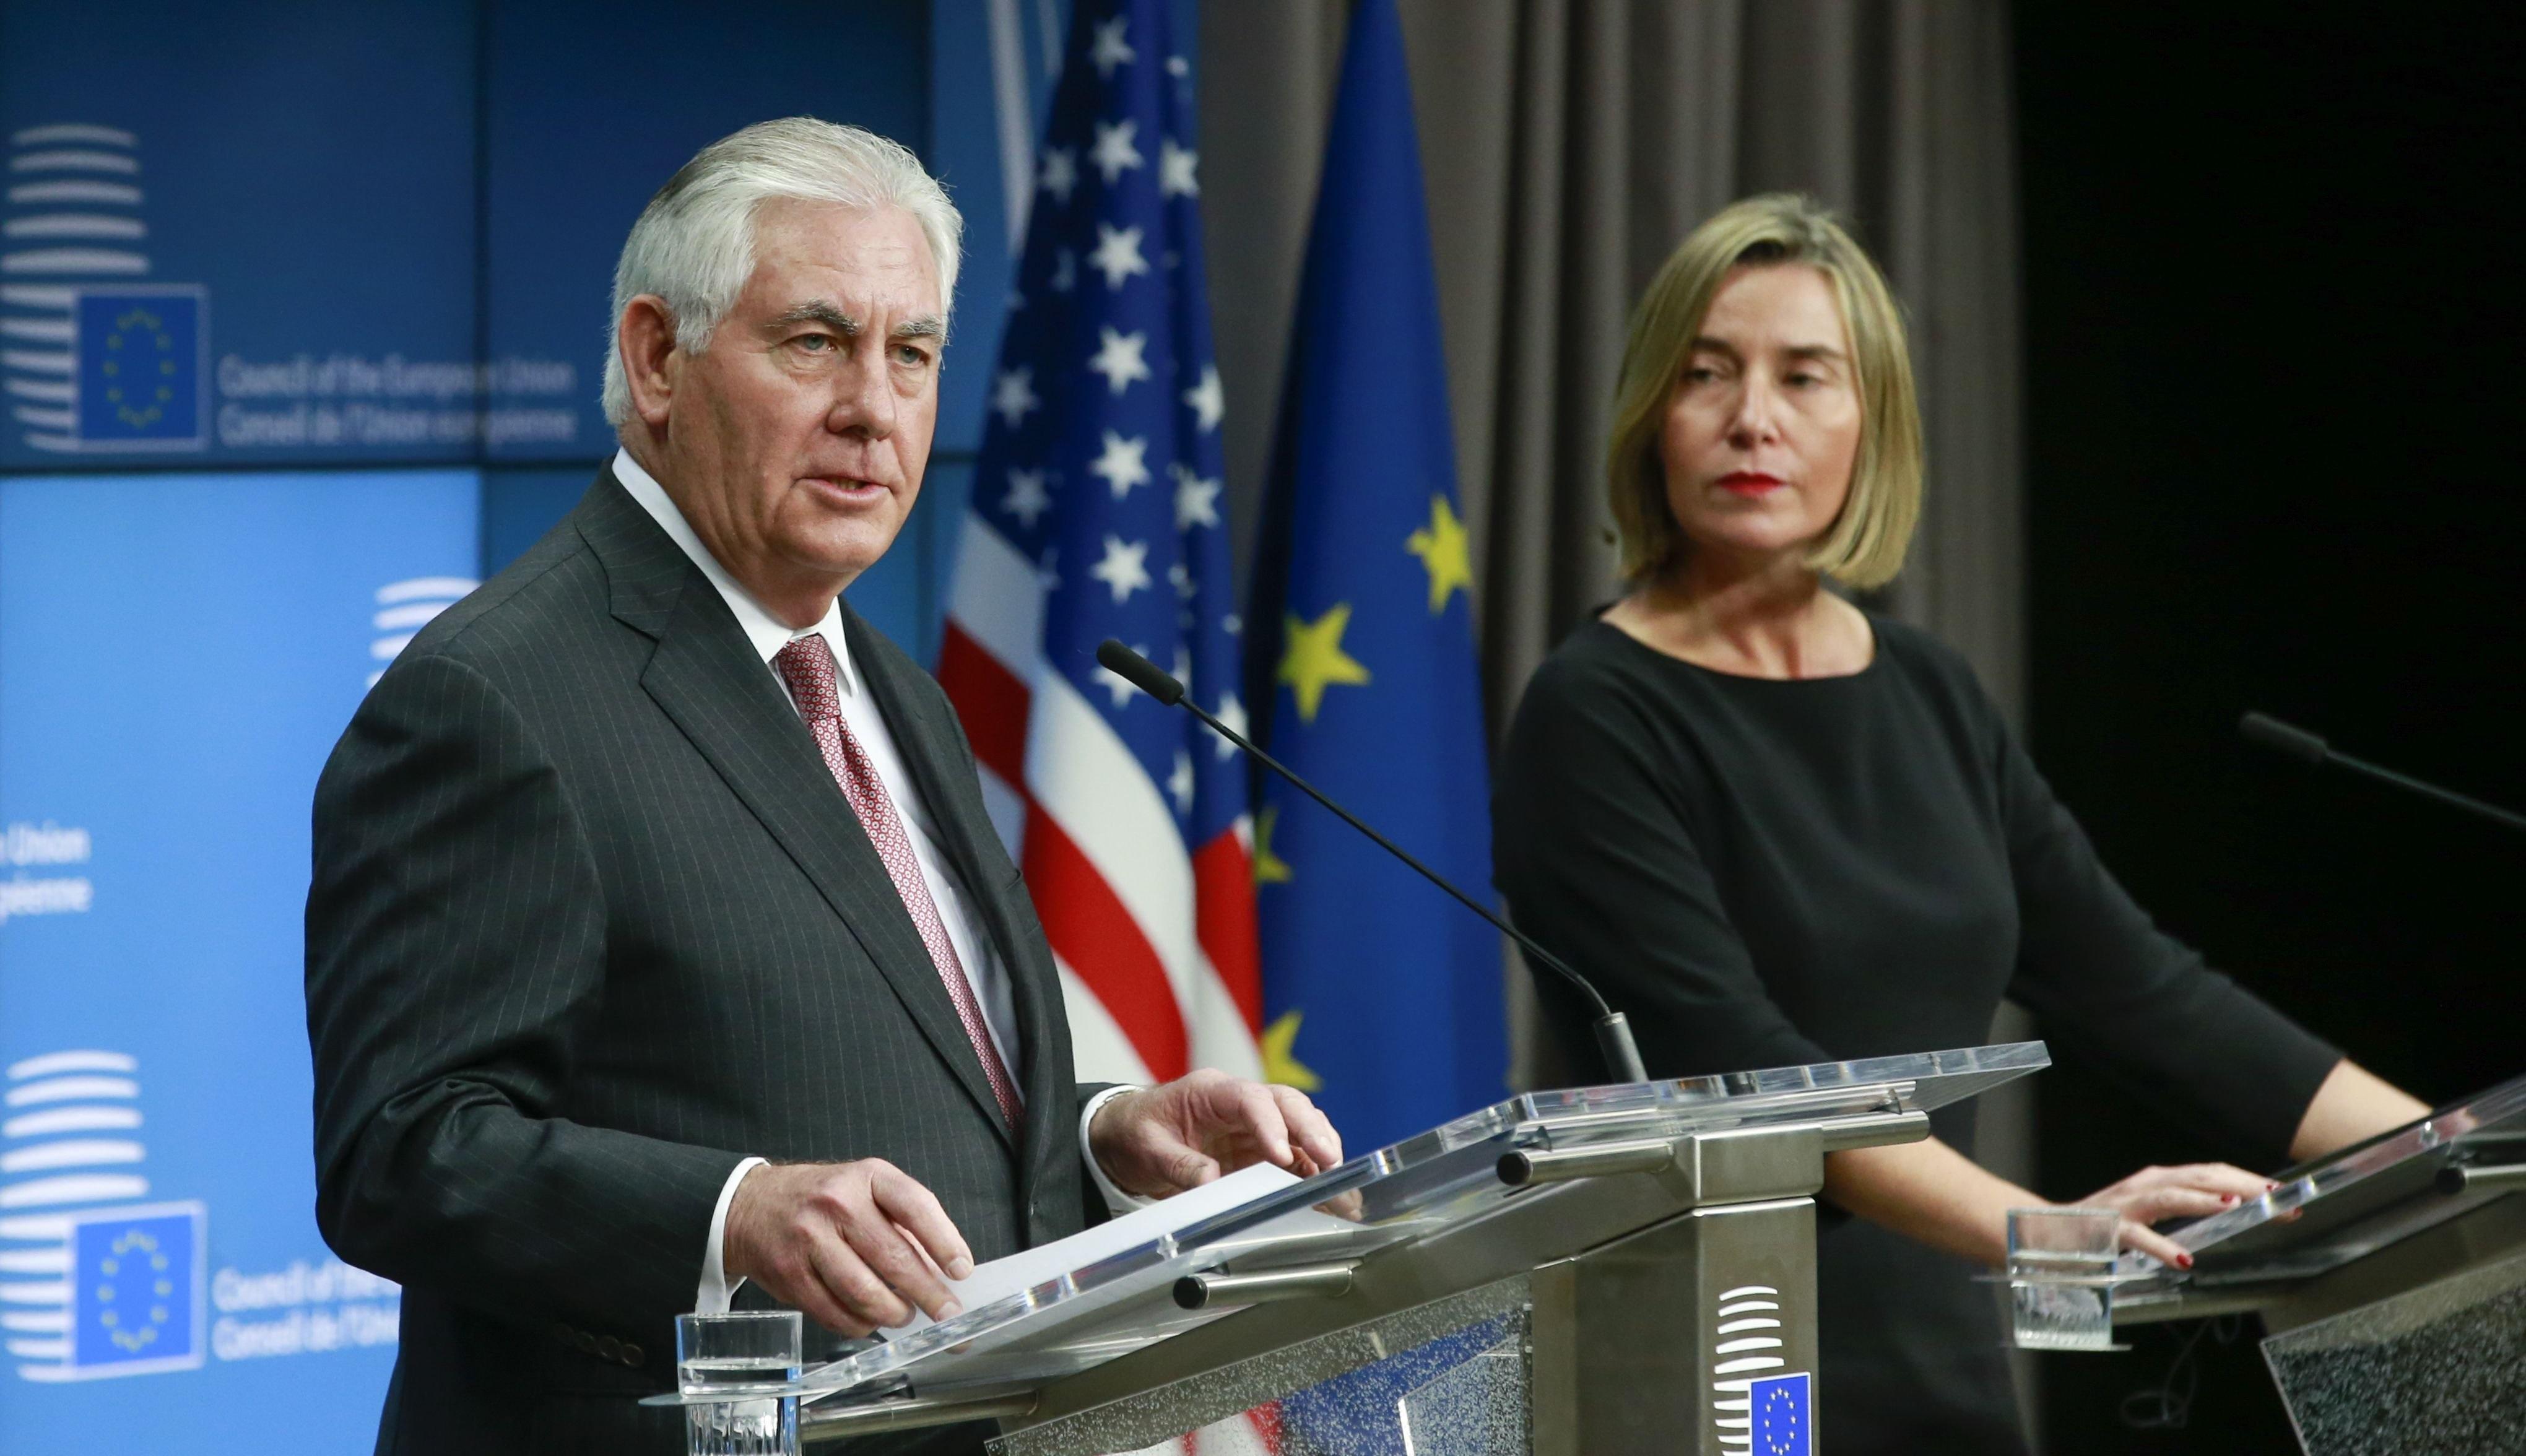 تیلرسون: آمریکا در برجام میماند/موگرینی: حفظ توافق هستهای، یک ضرورت است